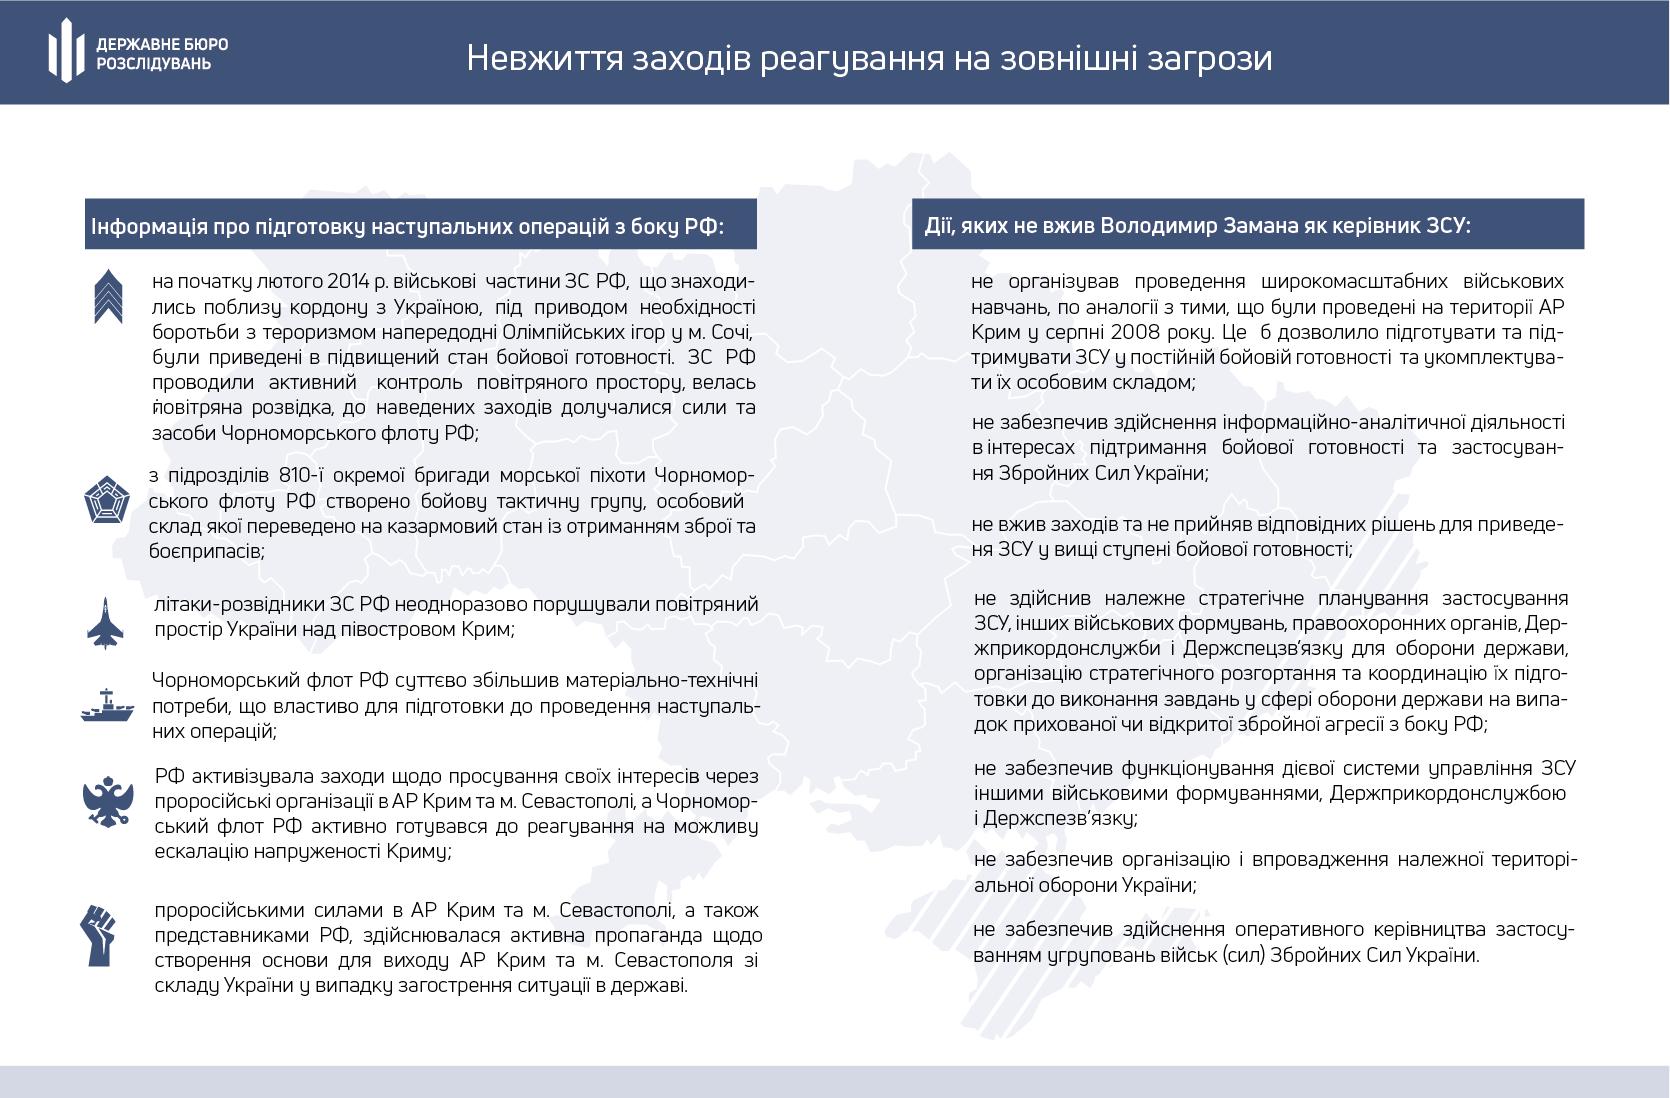 Анексія Криму: ДБР назвало пять основних причин окупації